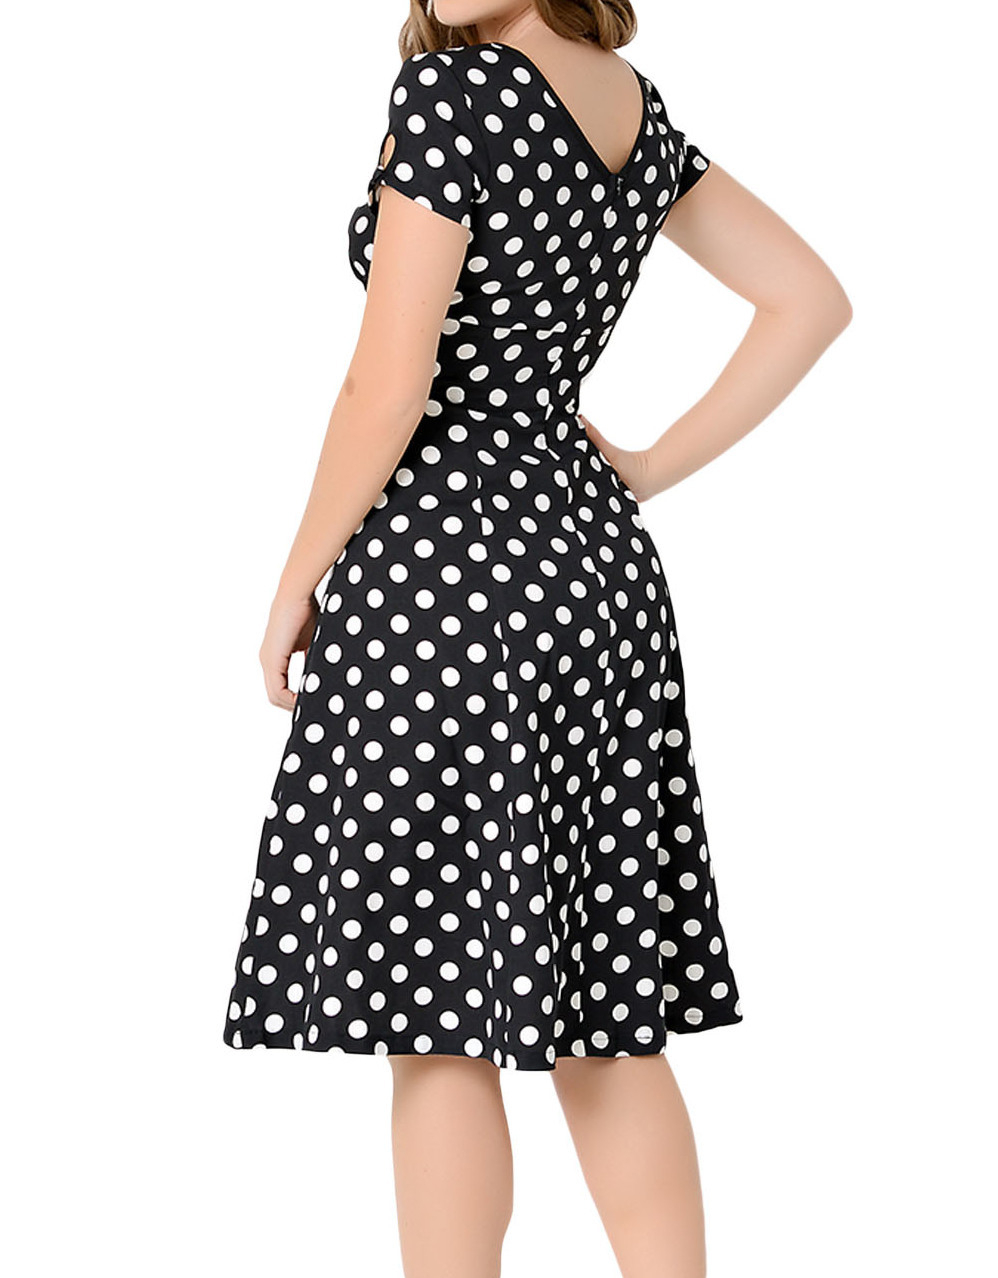 20 Coolste Sommerkleid Schwarz Weiß Stylish20 Erstaunlich Sommerkleid Schwarz Weiß Galerie